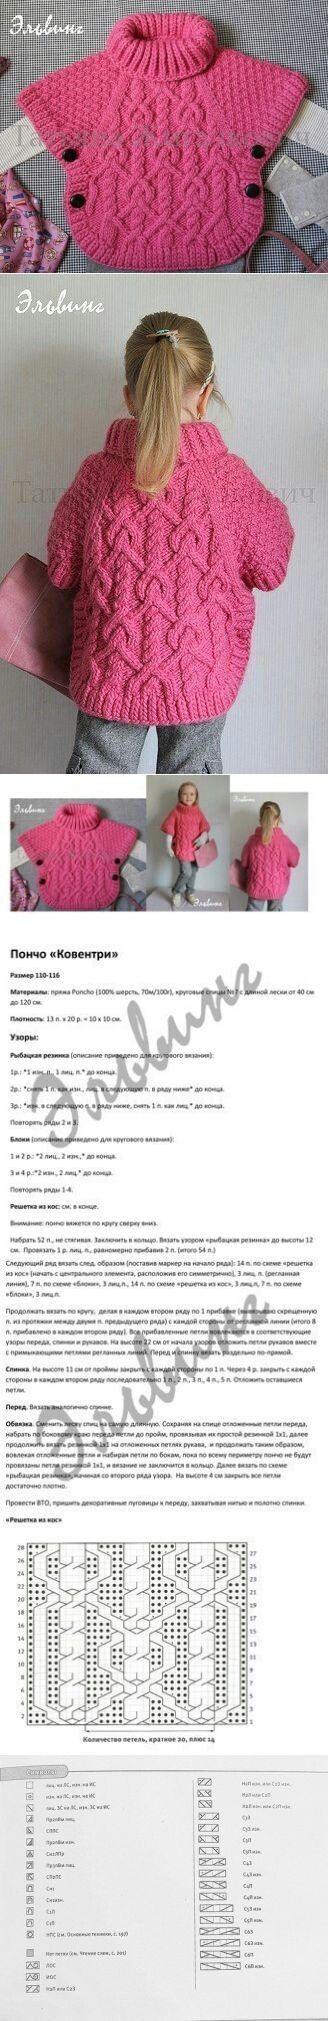 41 best tytön virkattu viitta images on Pinterest | Knitting ...